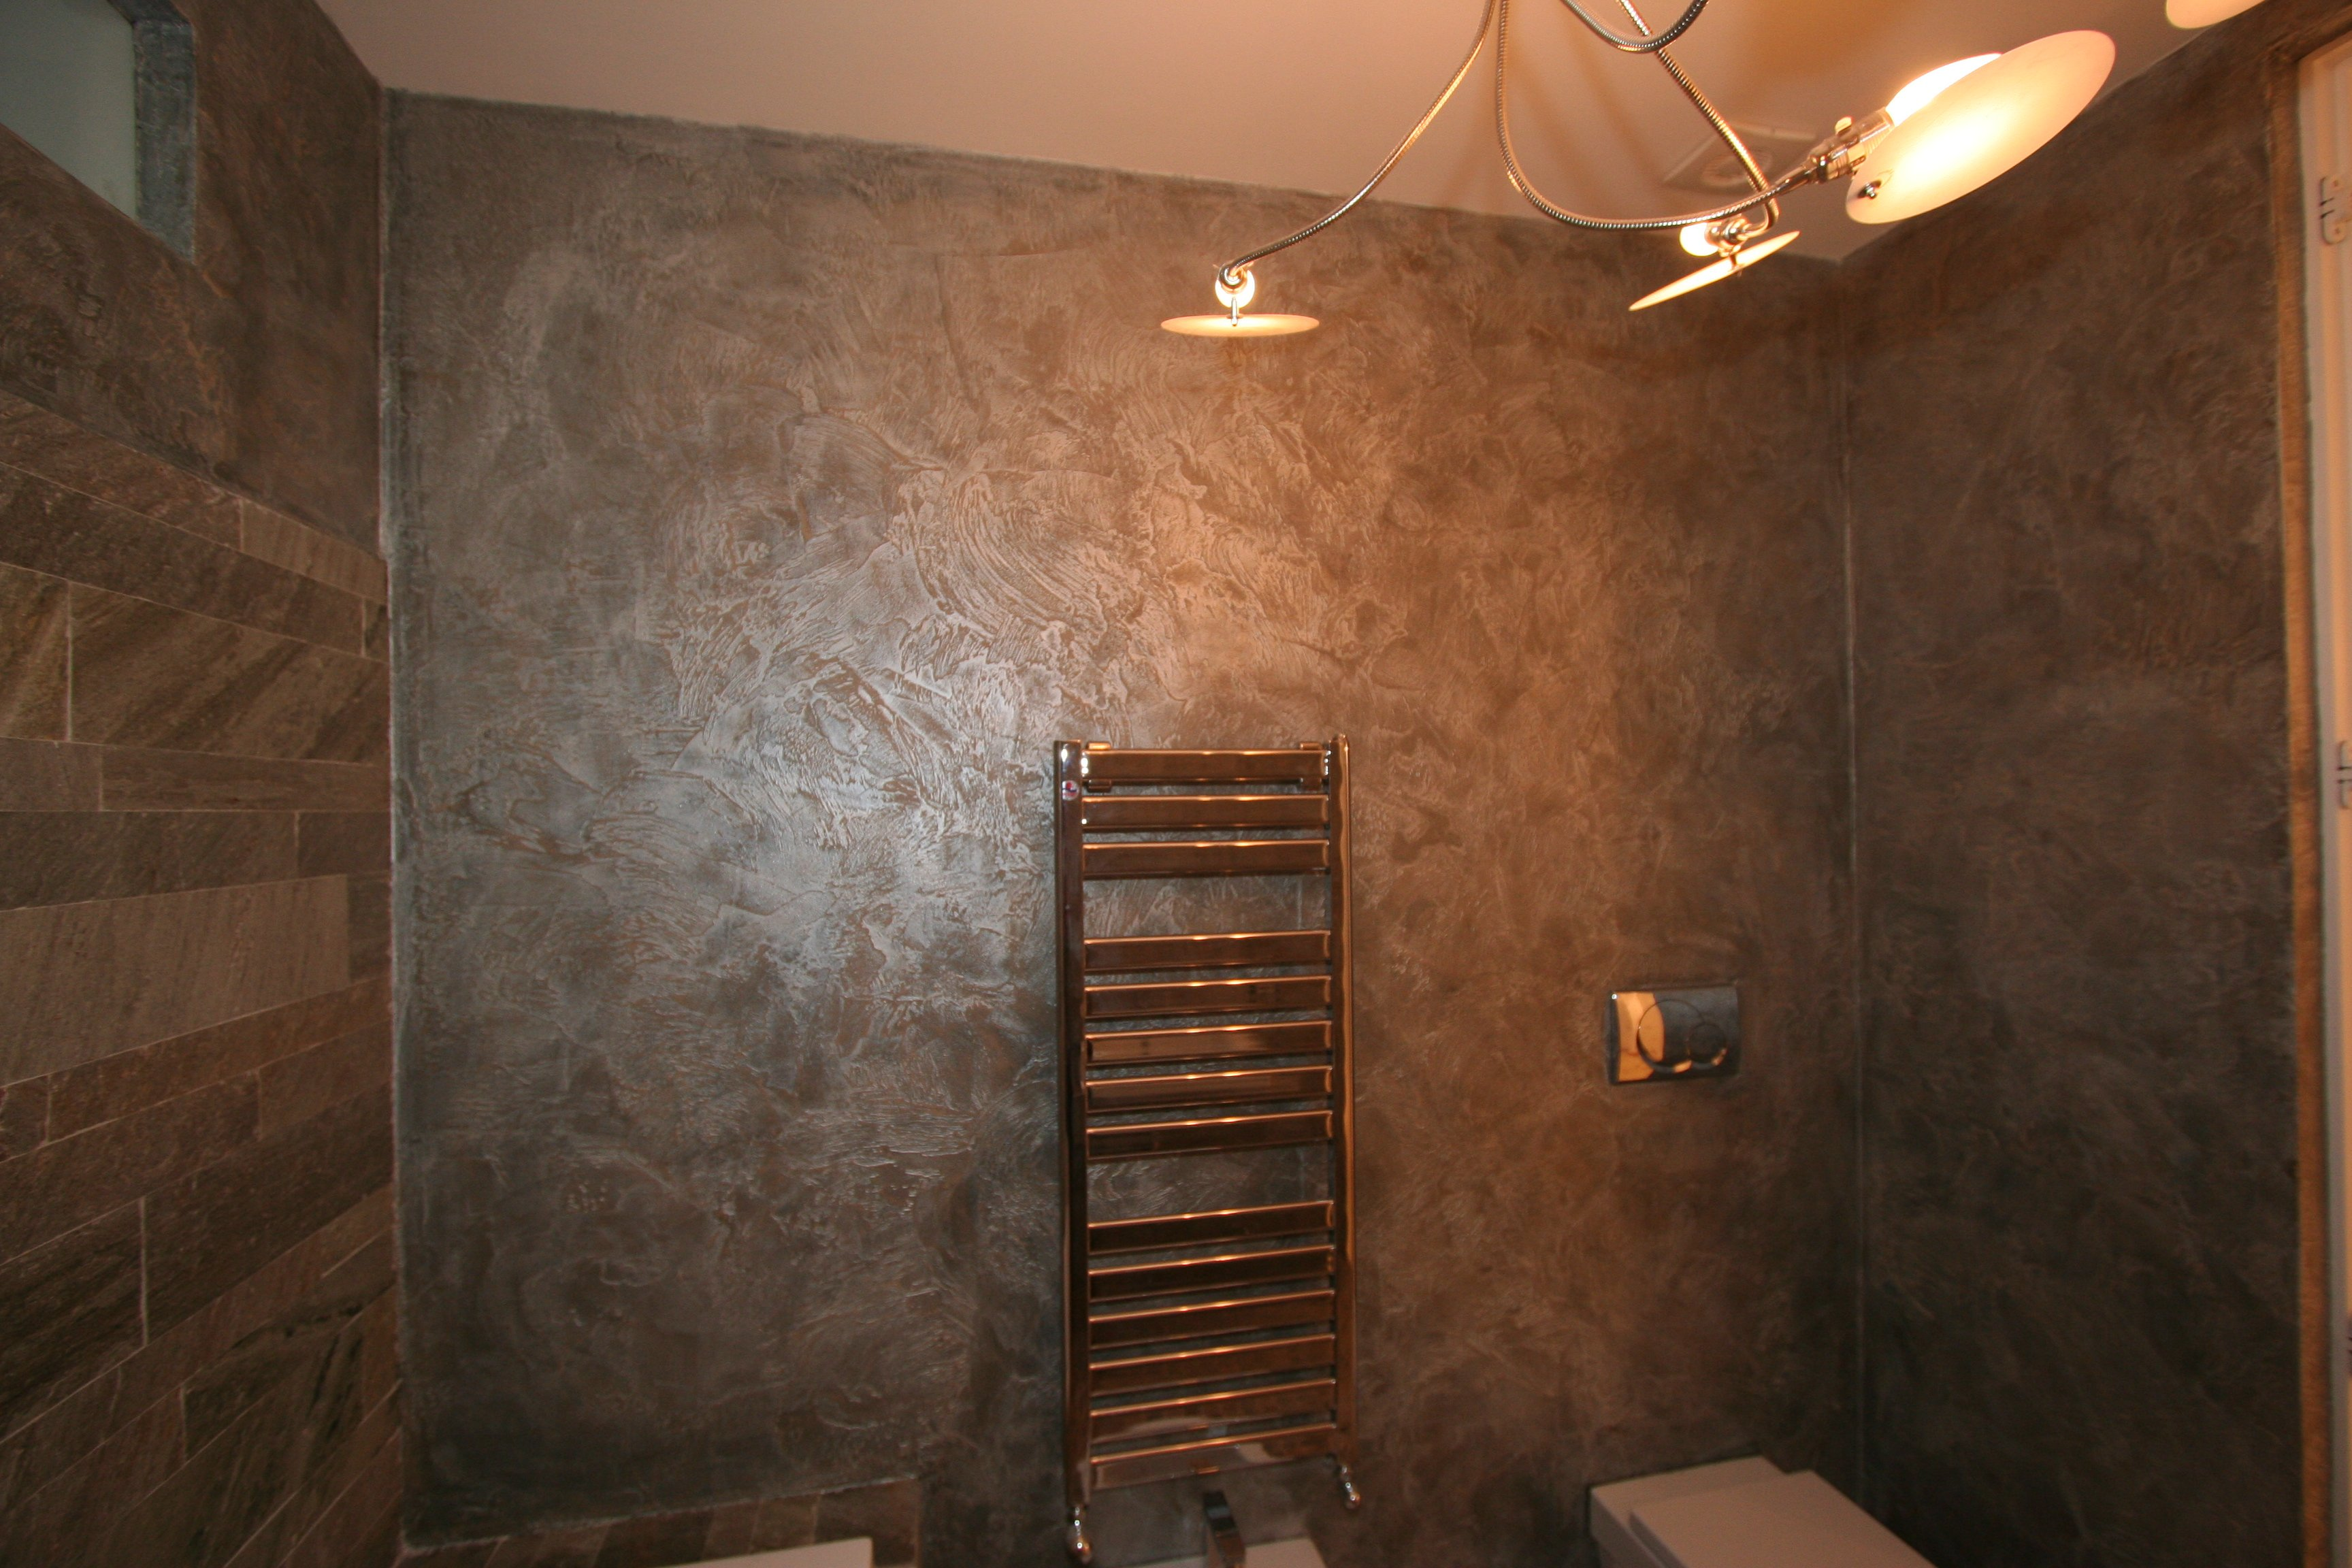 Image bagno 2 foto 2 decorazione in resina e accessori cromati - Resina in bagno ...